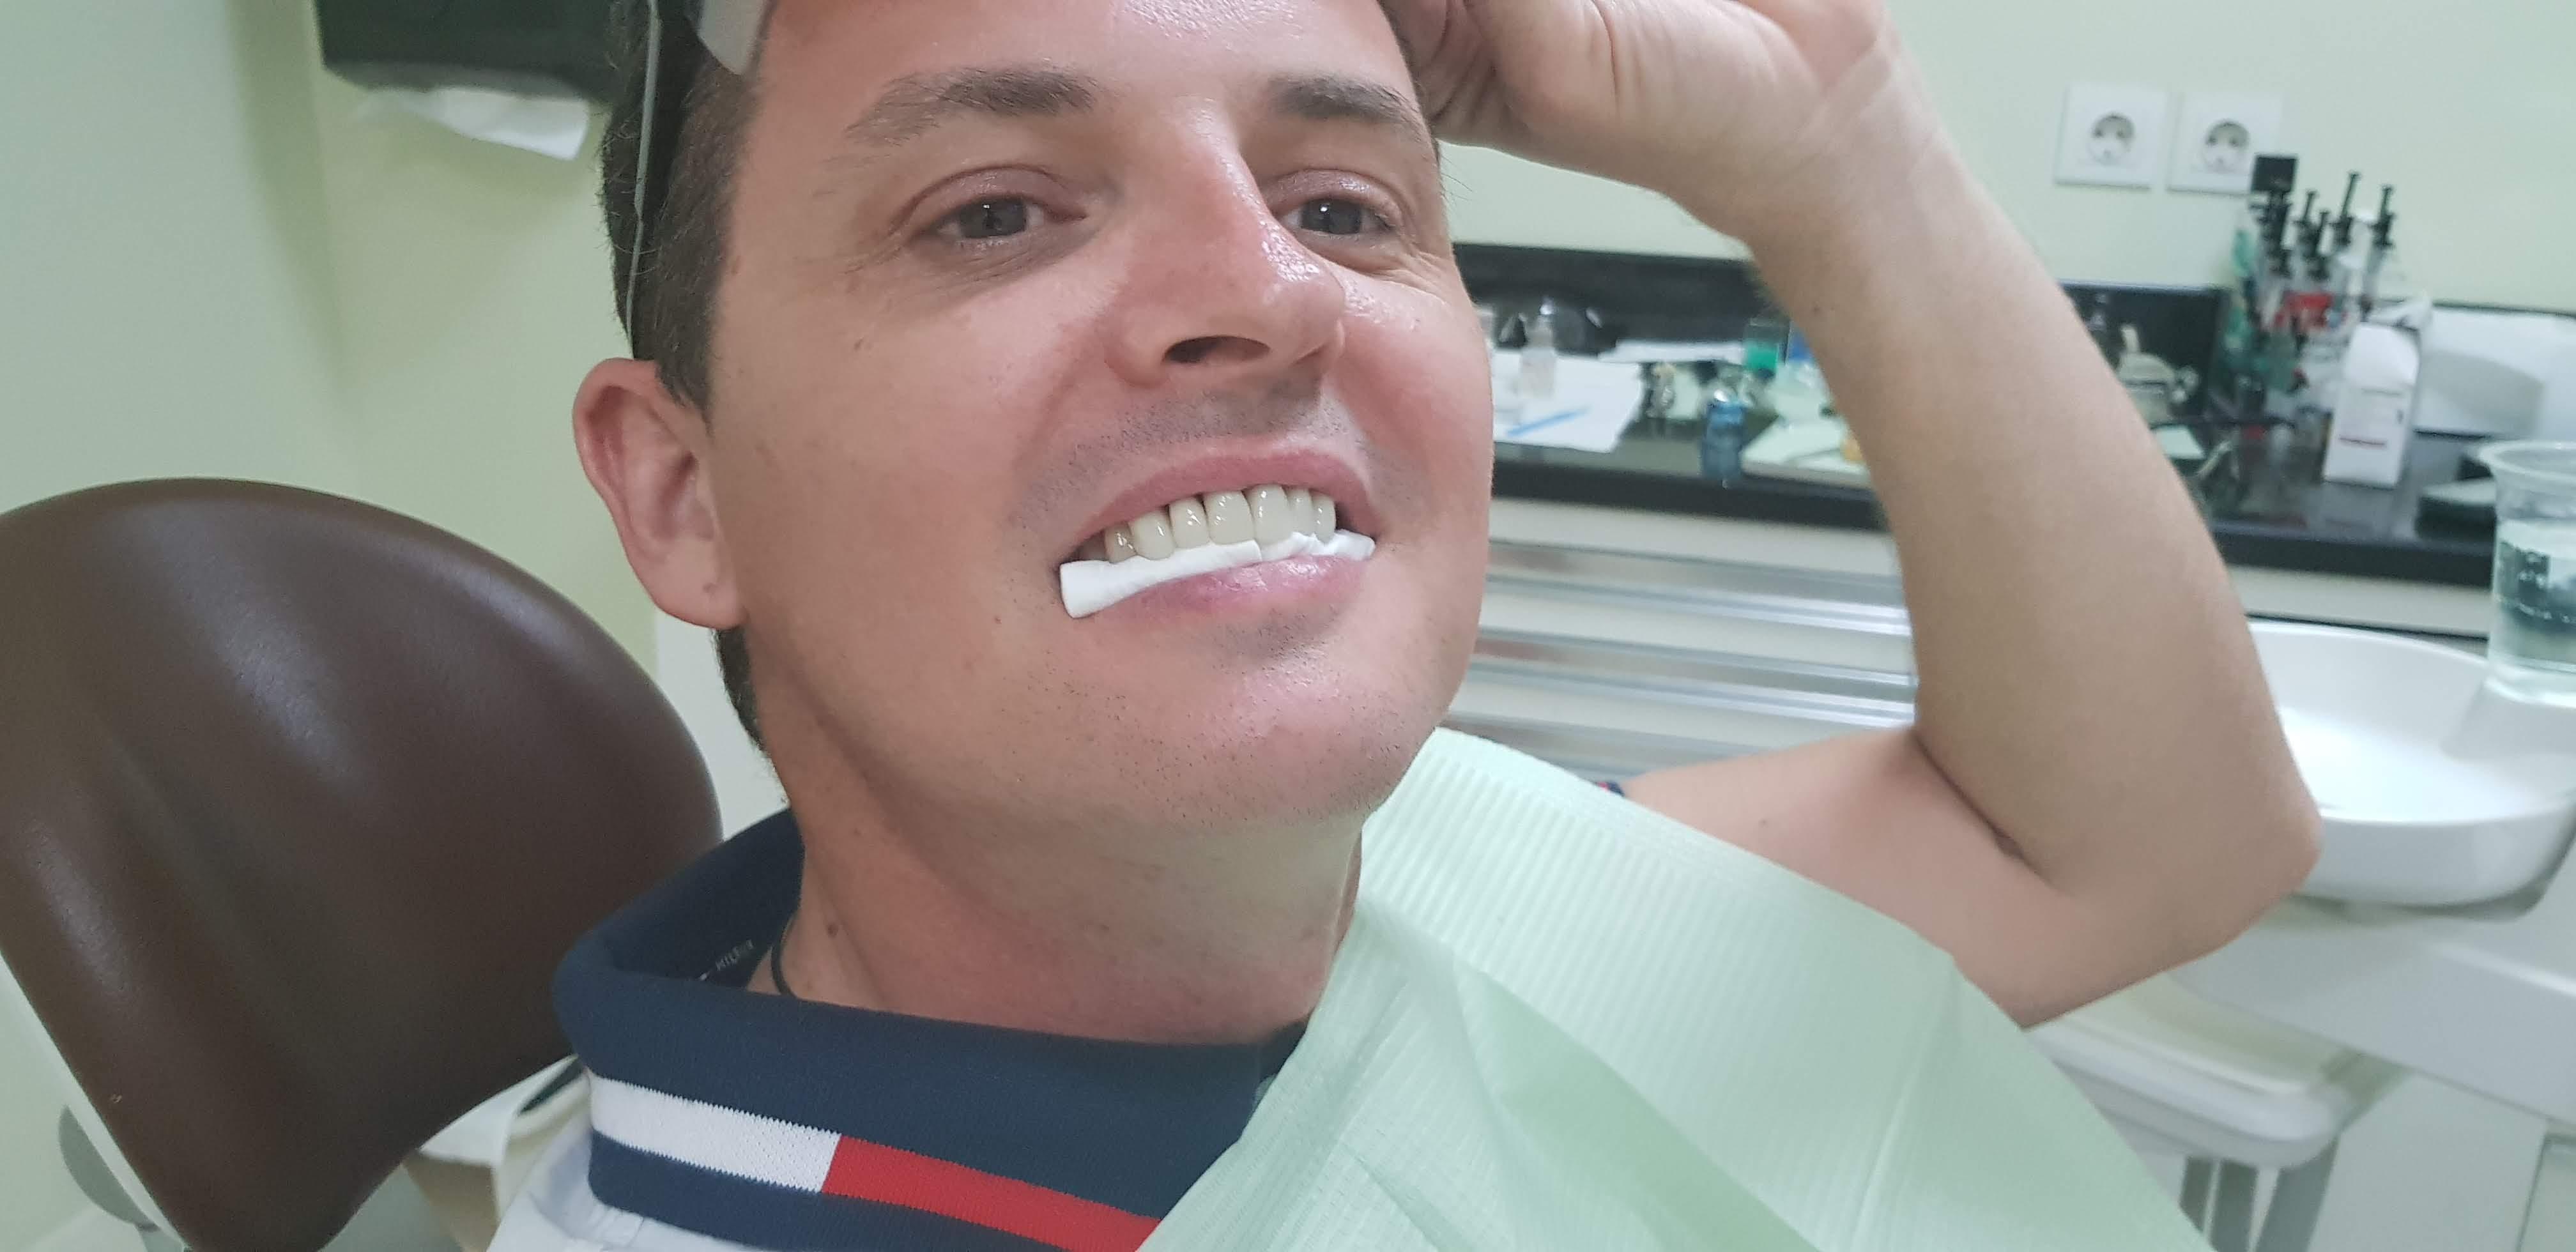 dental work veneers crowns teeth bali video before after arc